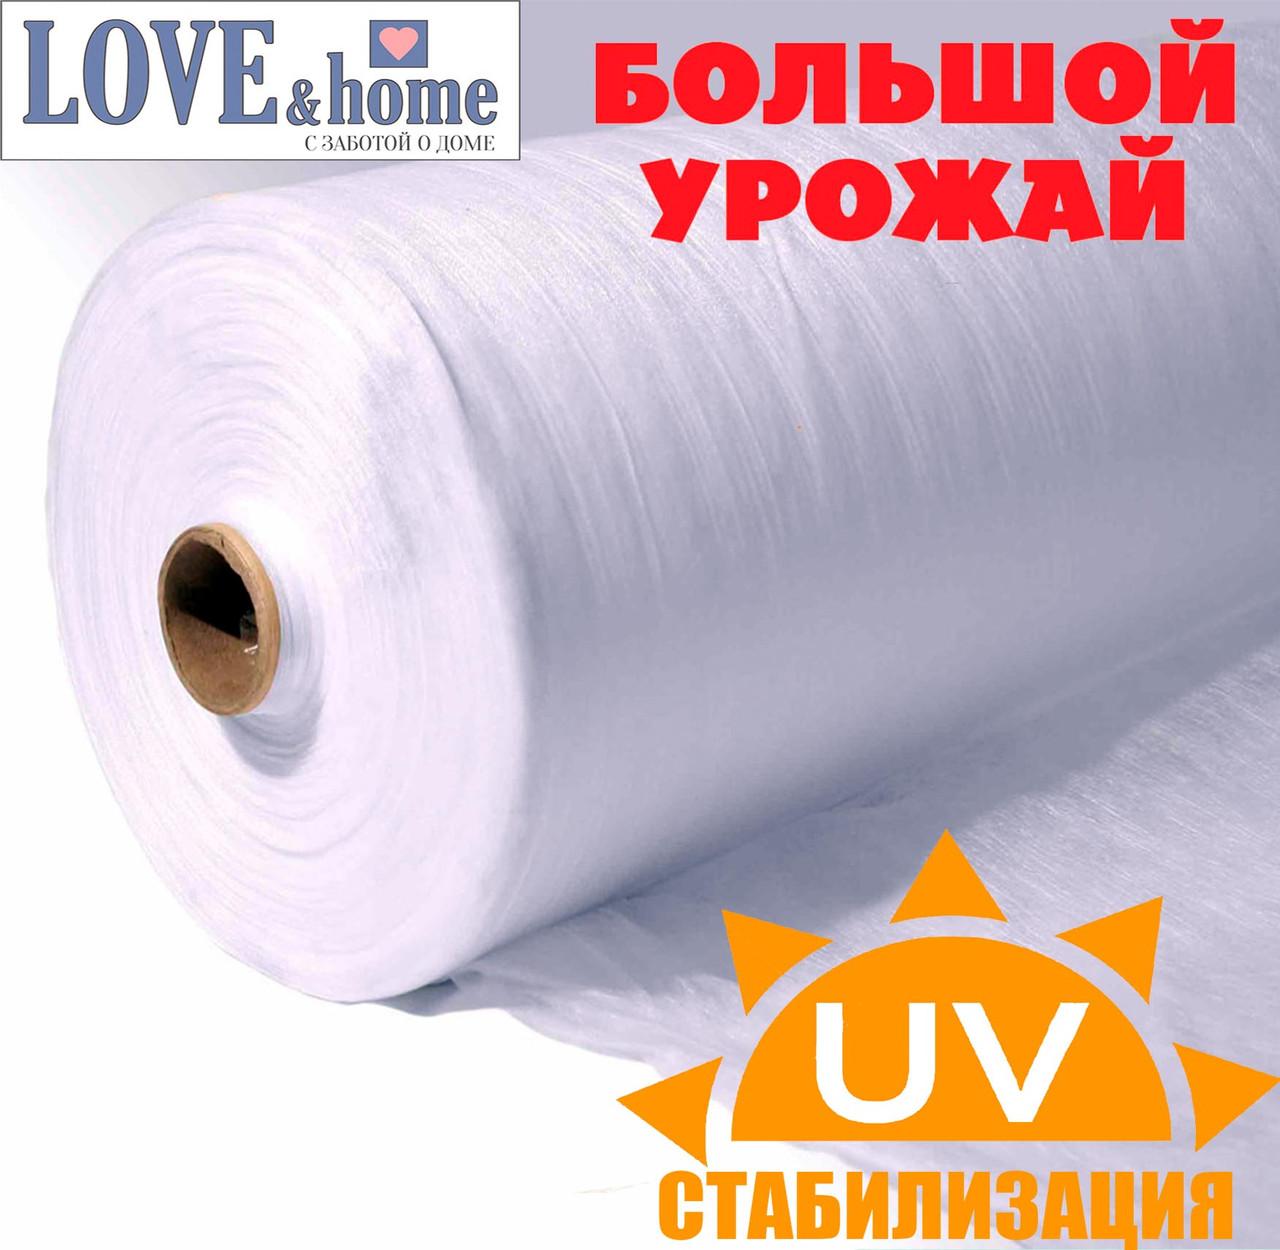 Агроволокно белое, плотность 23г/м². ширина 9.5 м. длинна 100м.